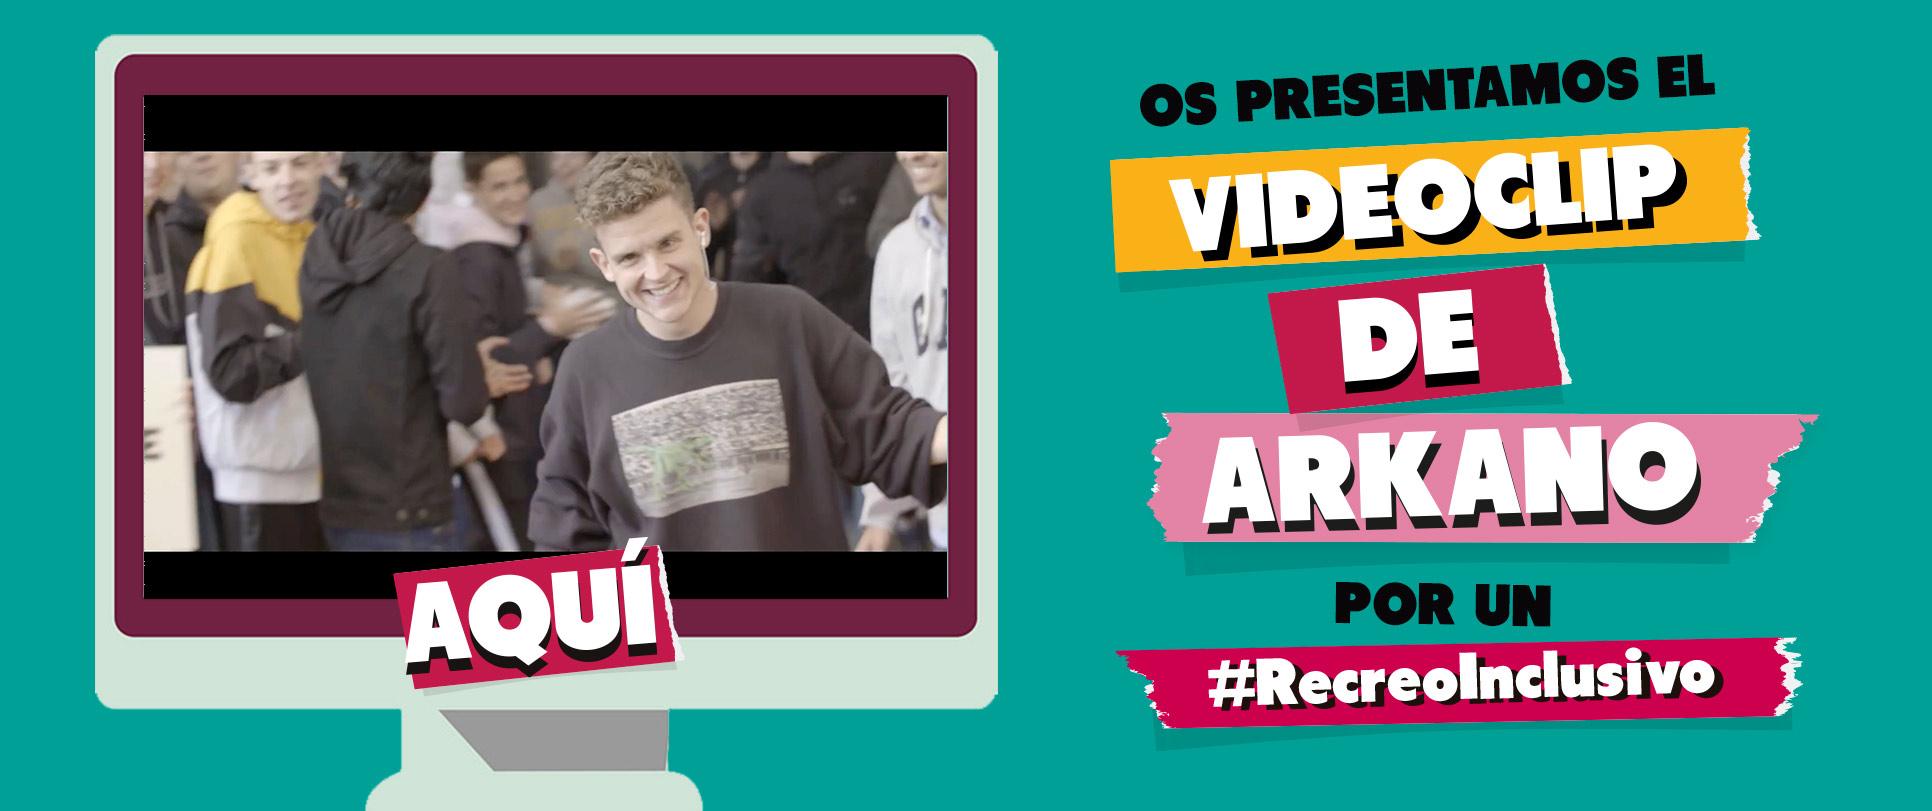 Os presentamos el videoclip de Arkano por un recreo inclusivo